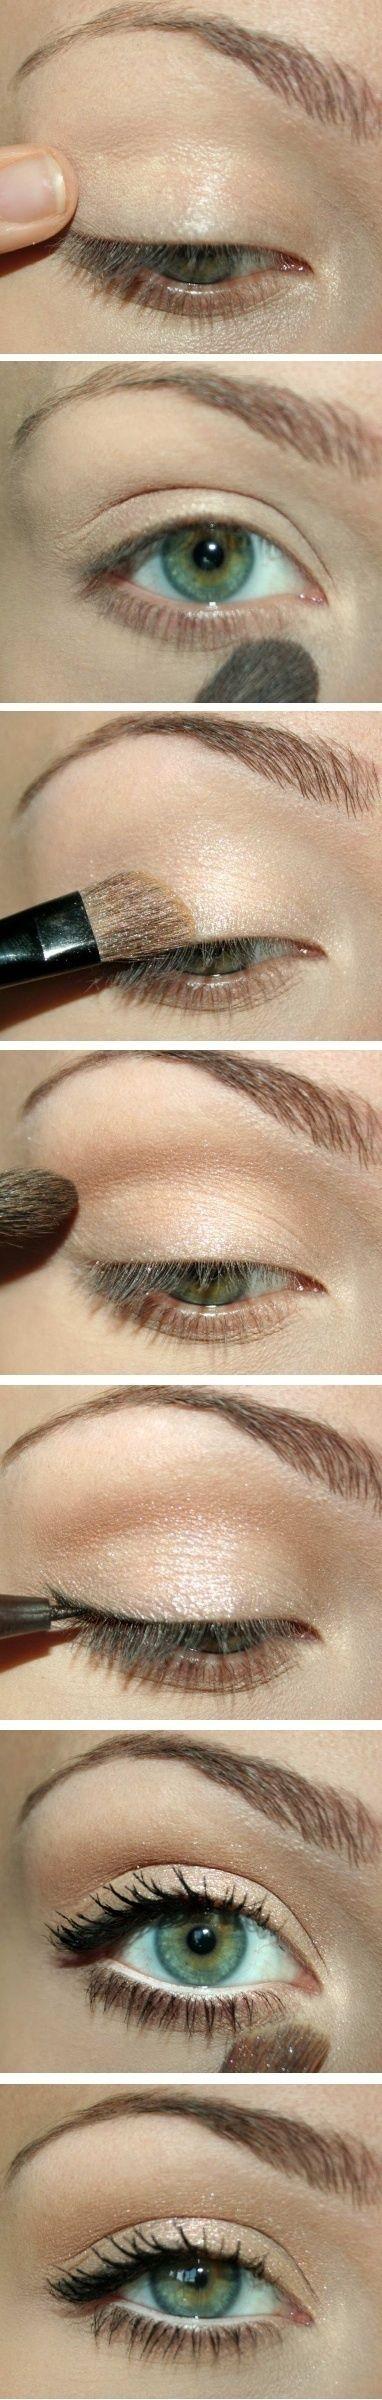 Eye makeup idea [x]